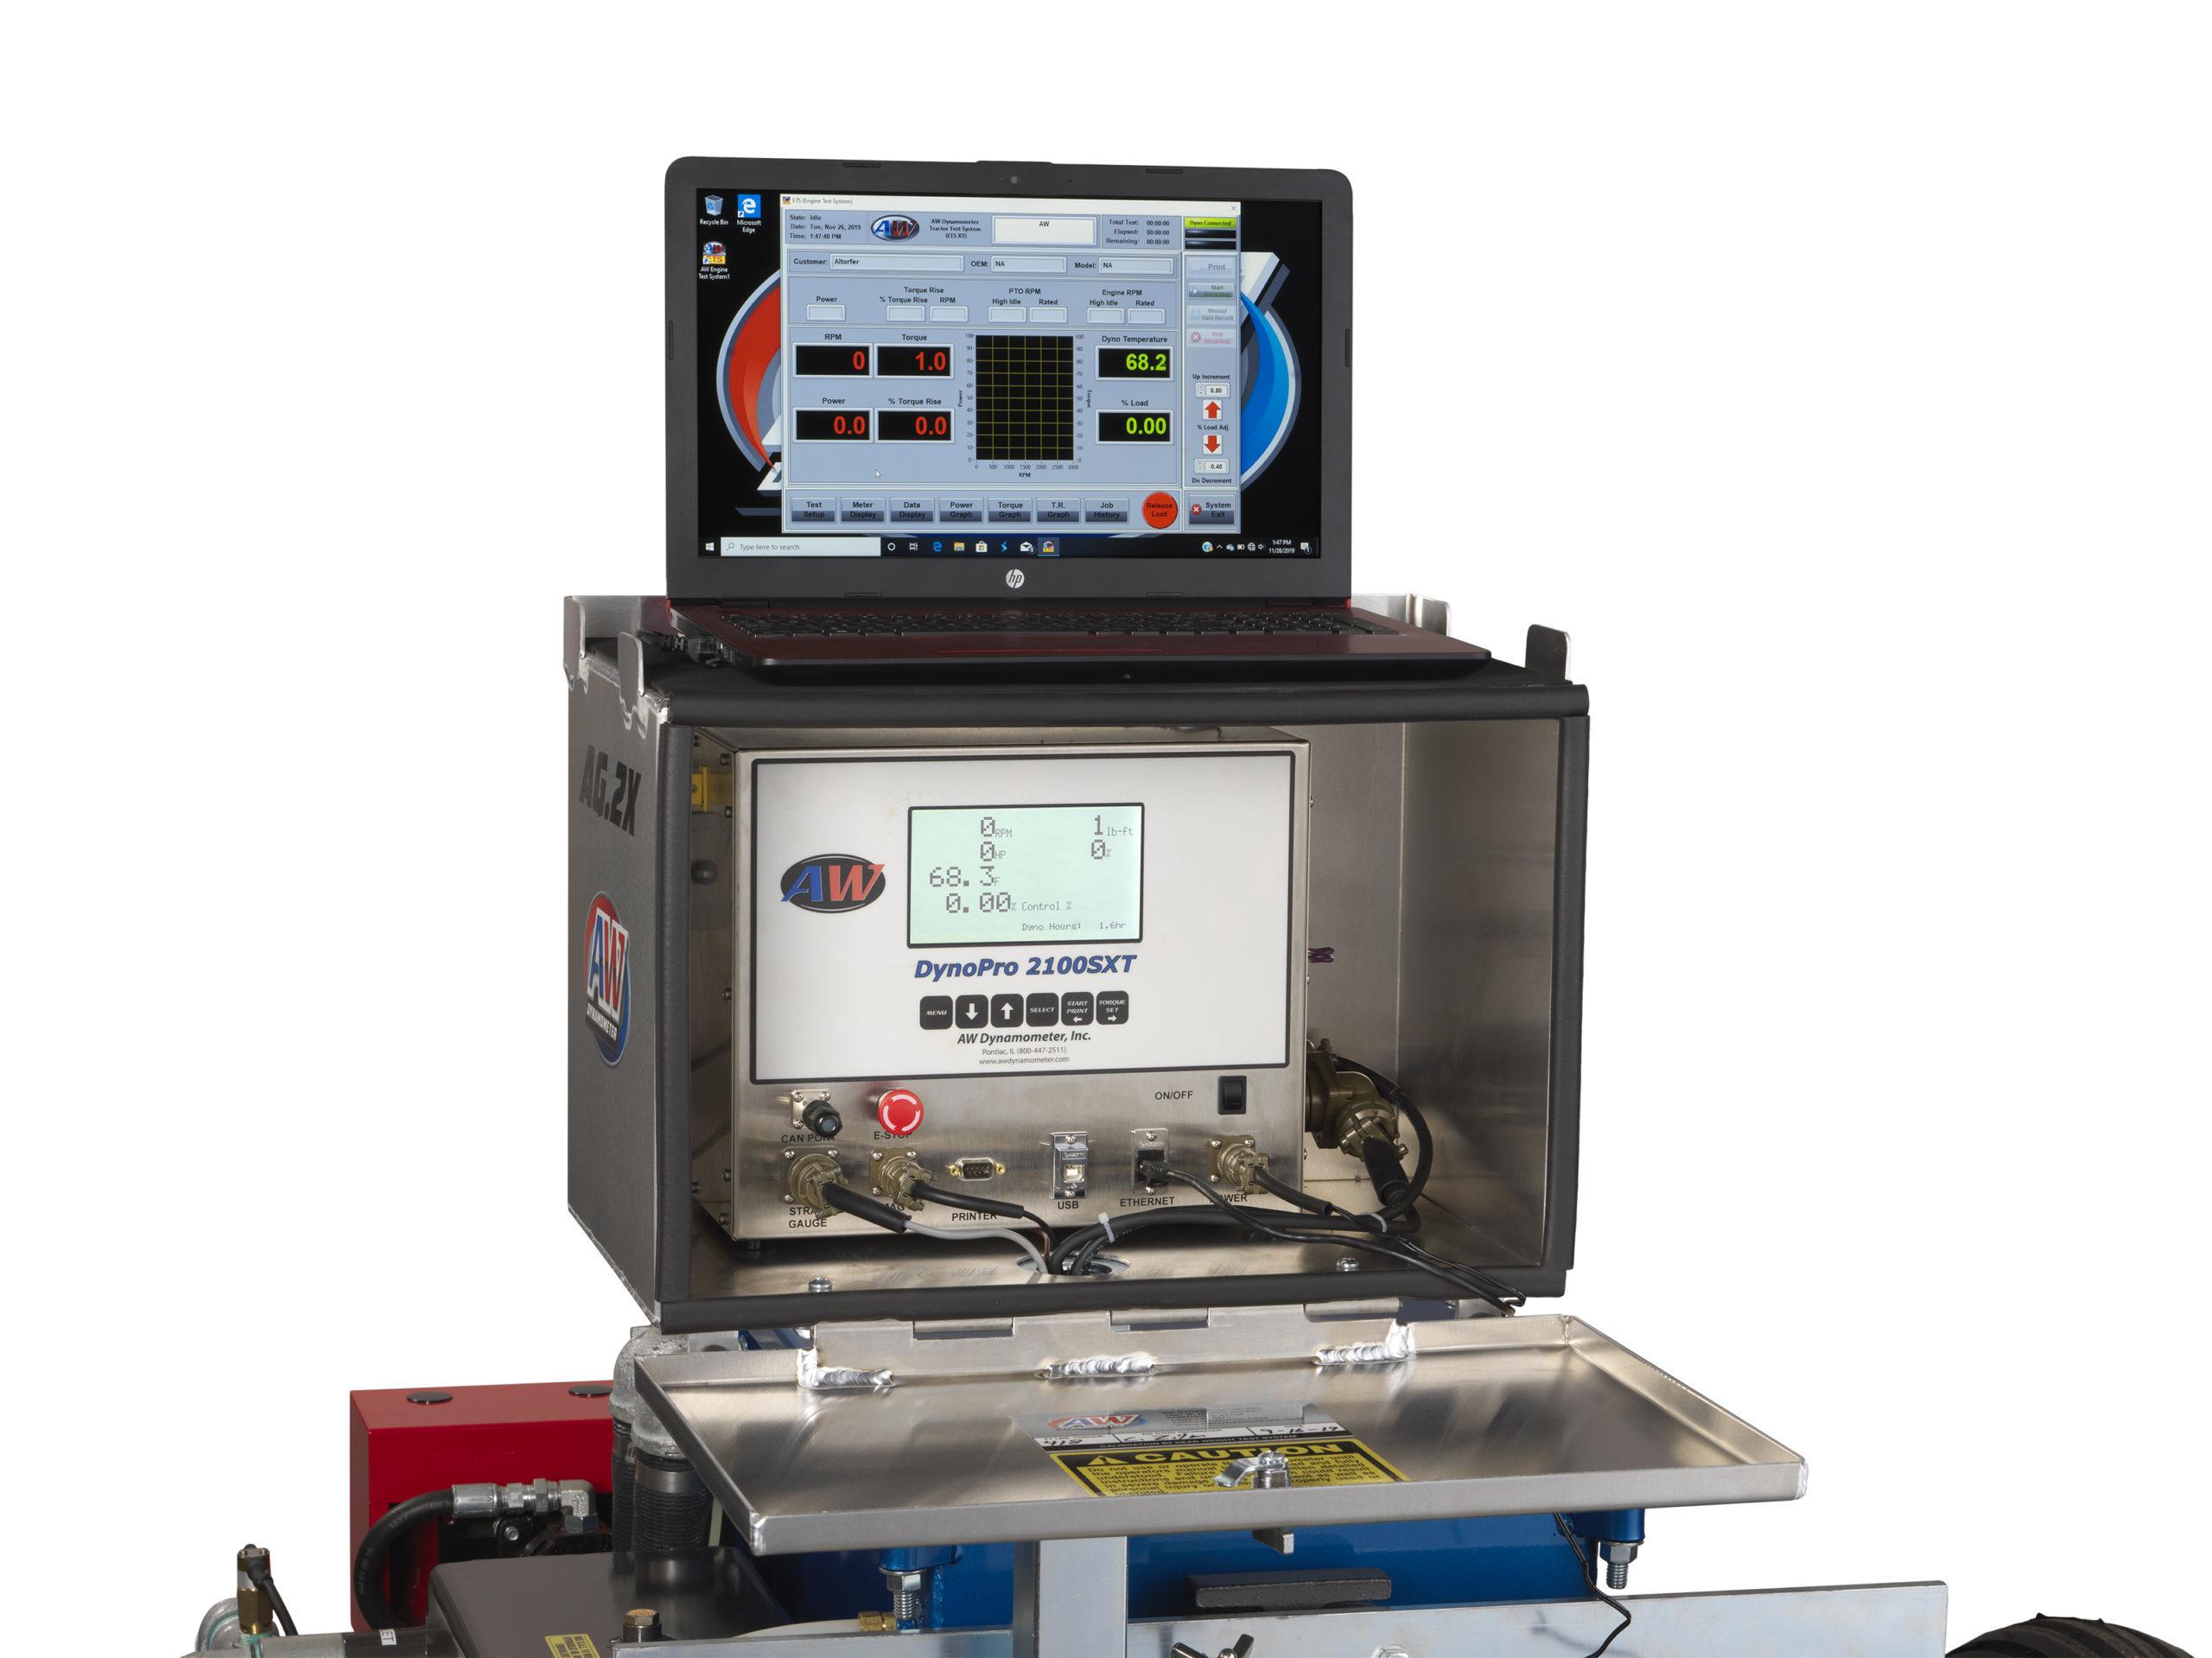 DynoPro 2100SXT Computer & Printer